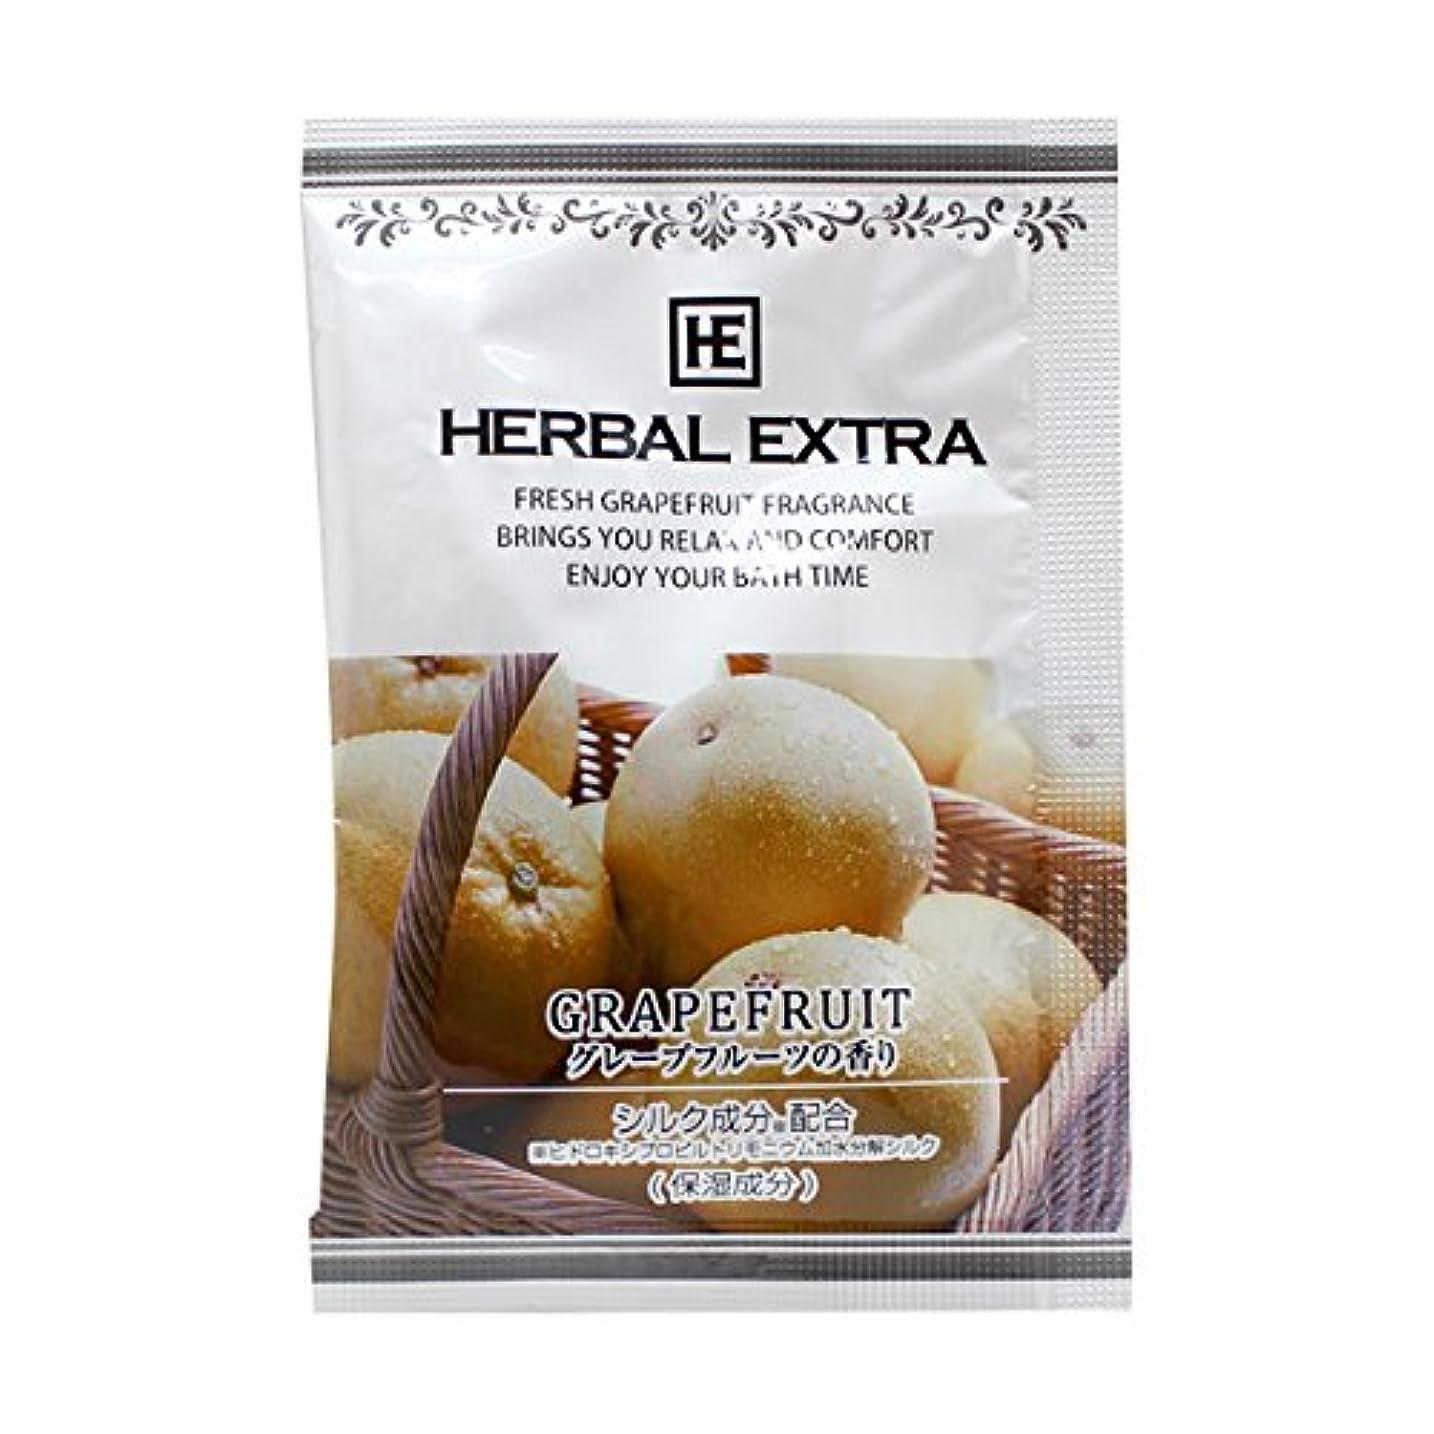 エントリ虎コーヒー入浴剤 ハーバルエクストラ「グレープフルーツの香り」30個